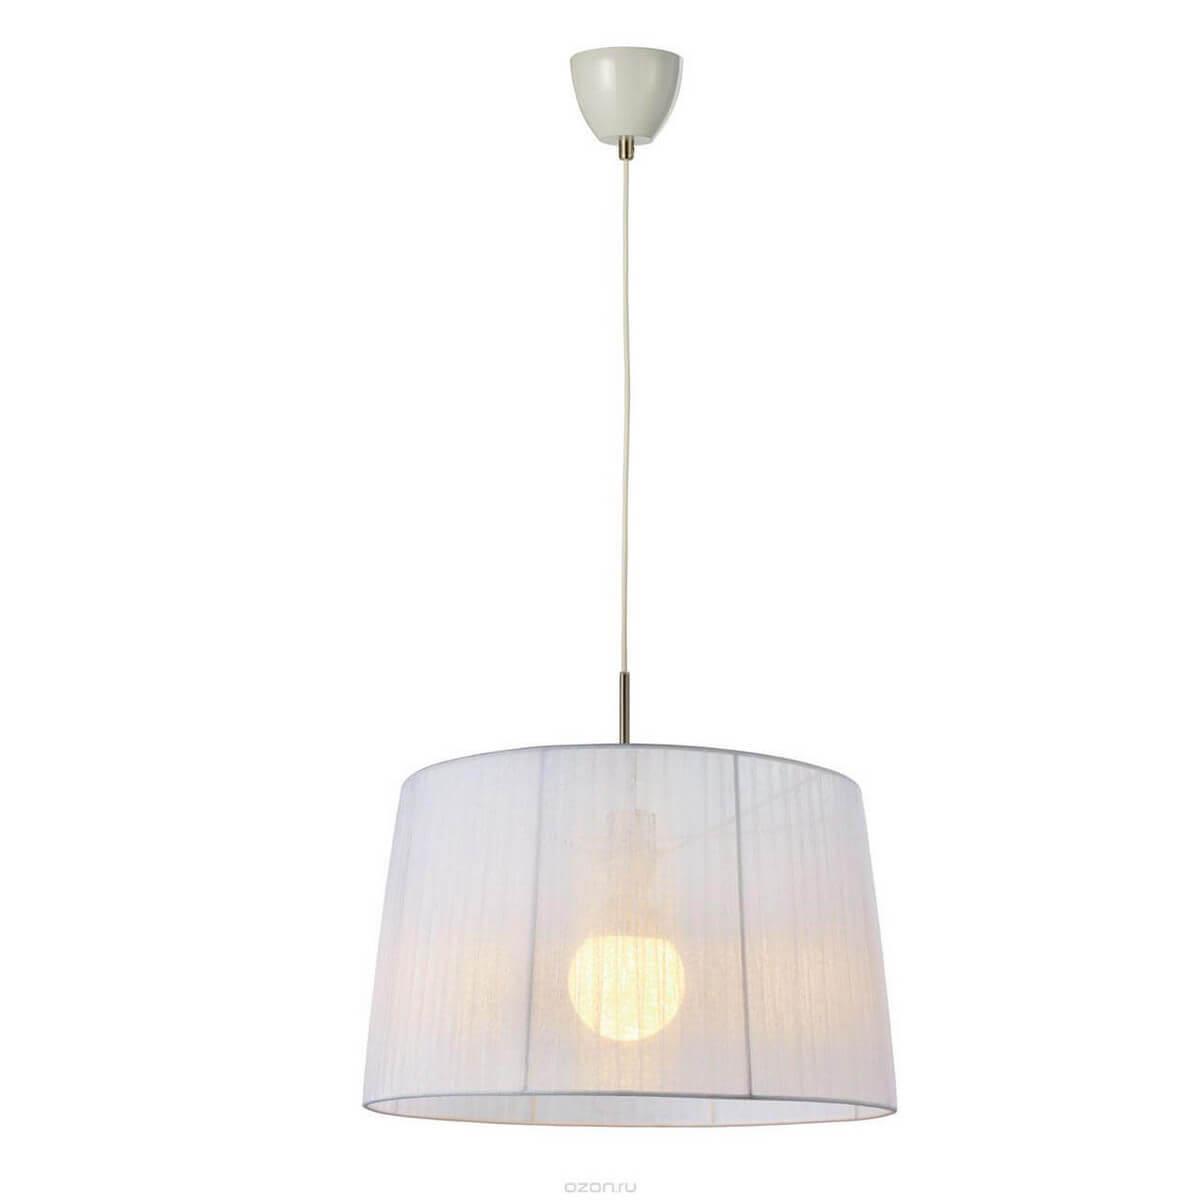 Светильник Markslojd 104799 Flen подвесной светильник markslojd stromstad 105246